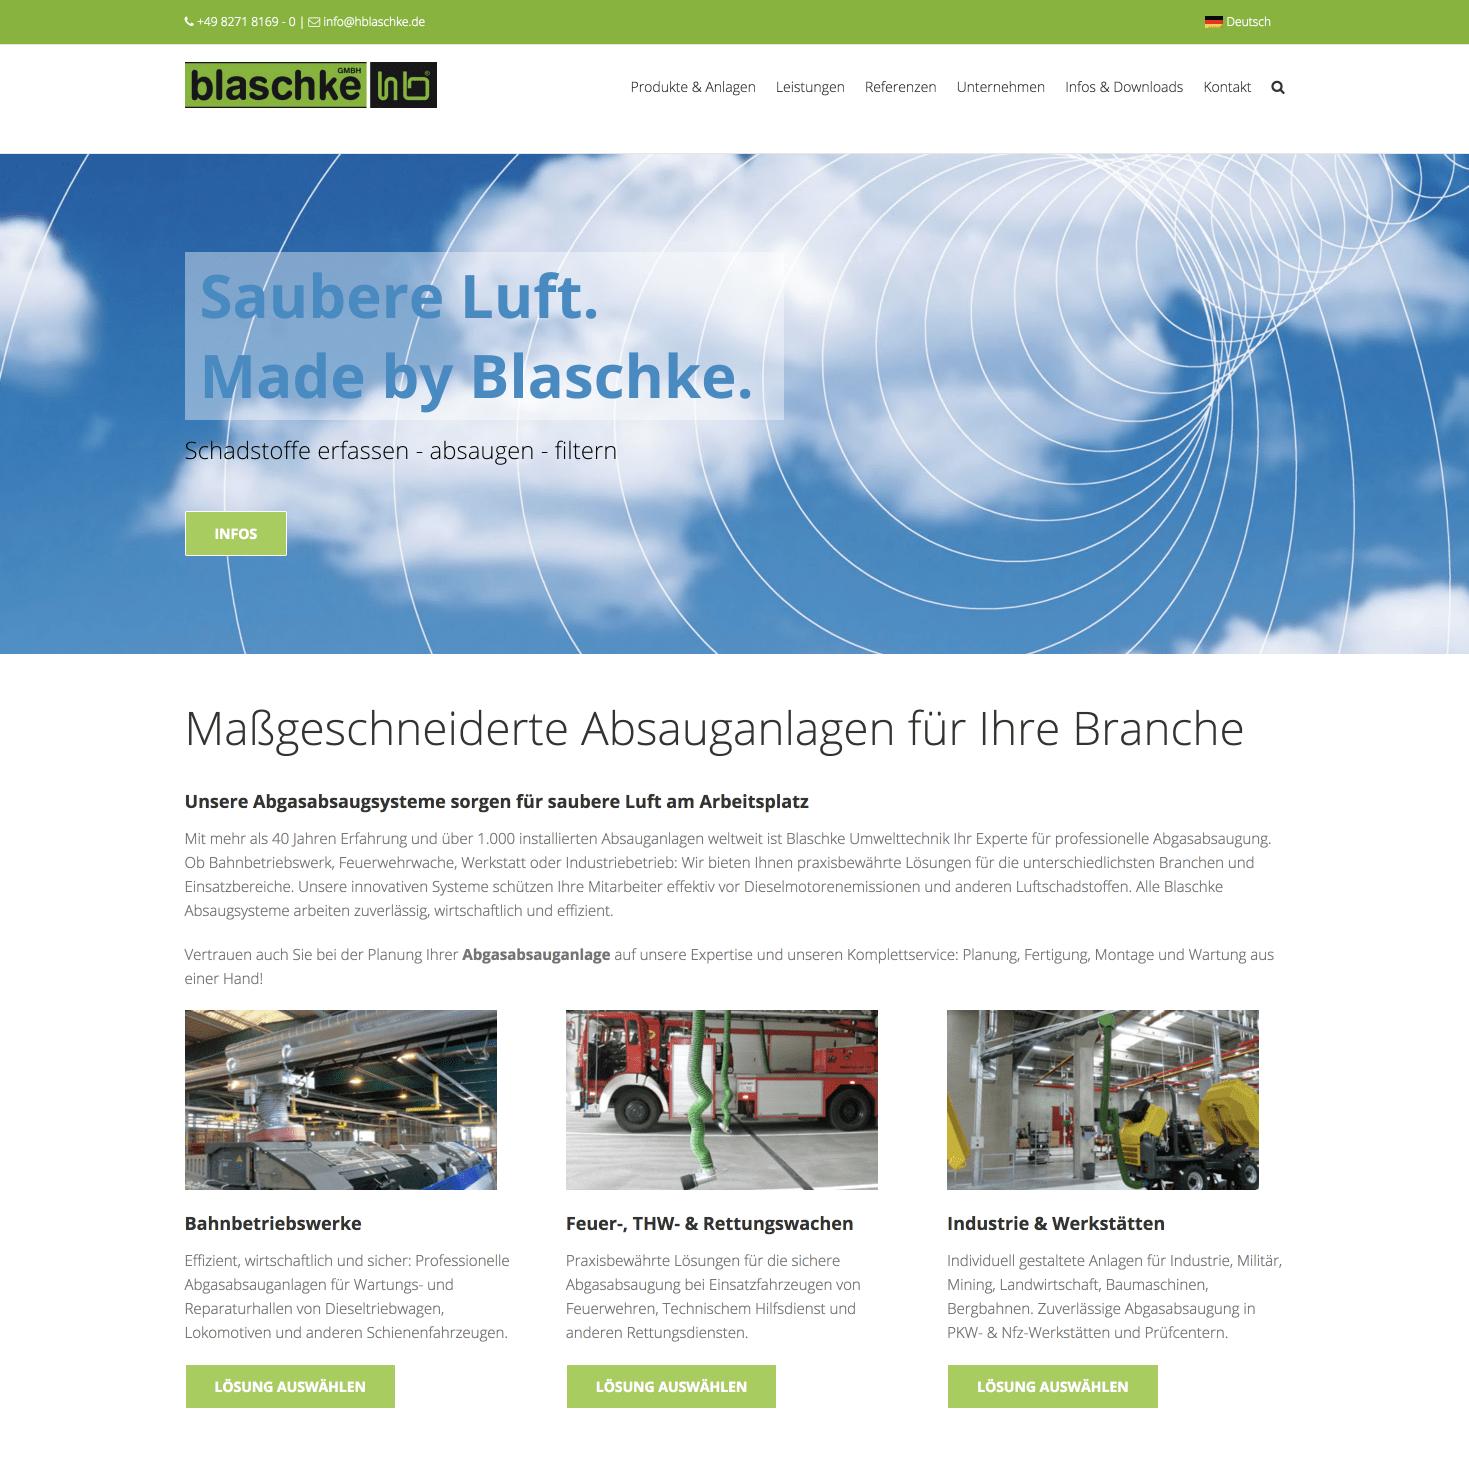 Performance optimierte Wordpress Website für Blaschke Umwelttechnik GmbH 14